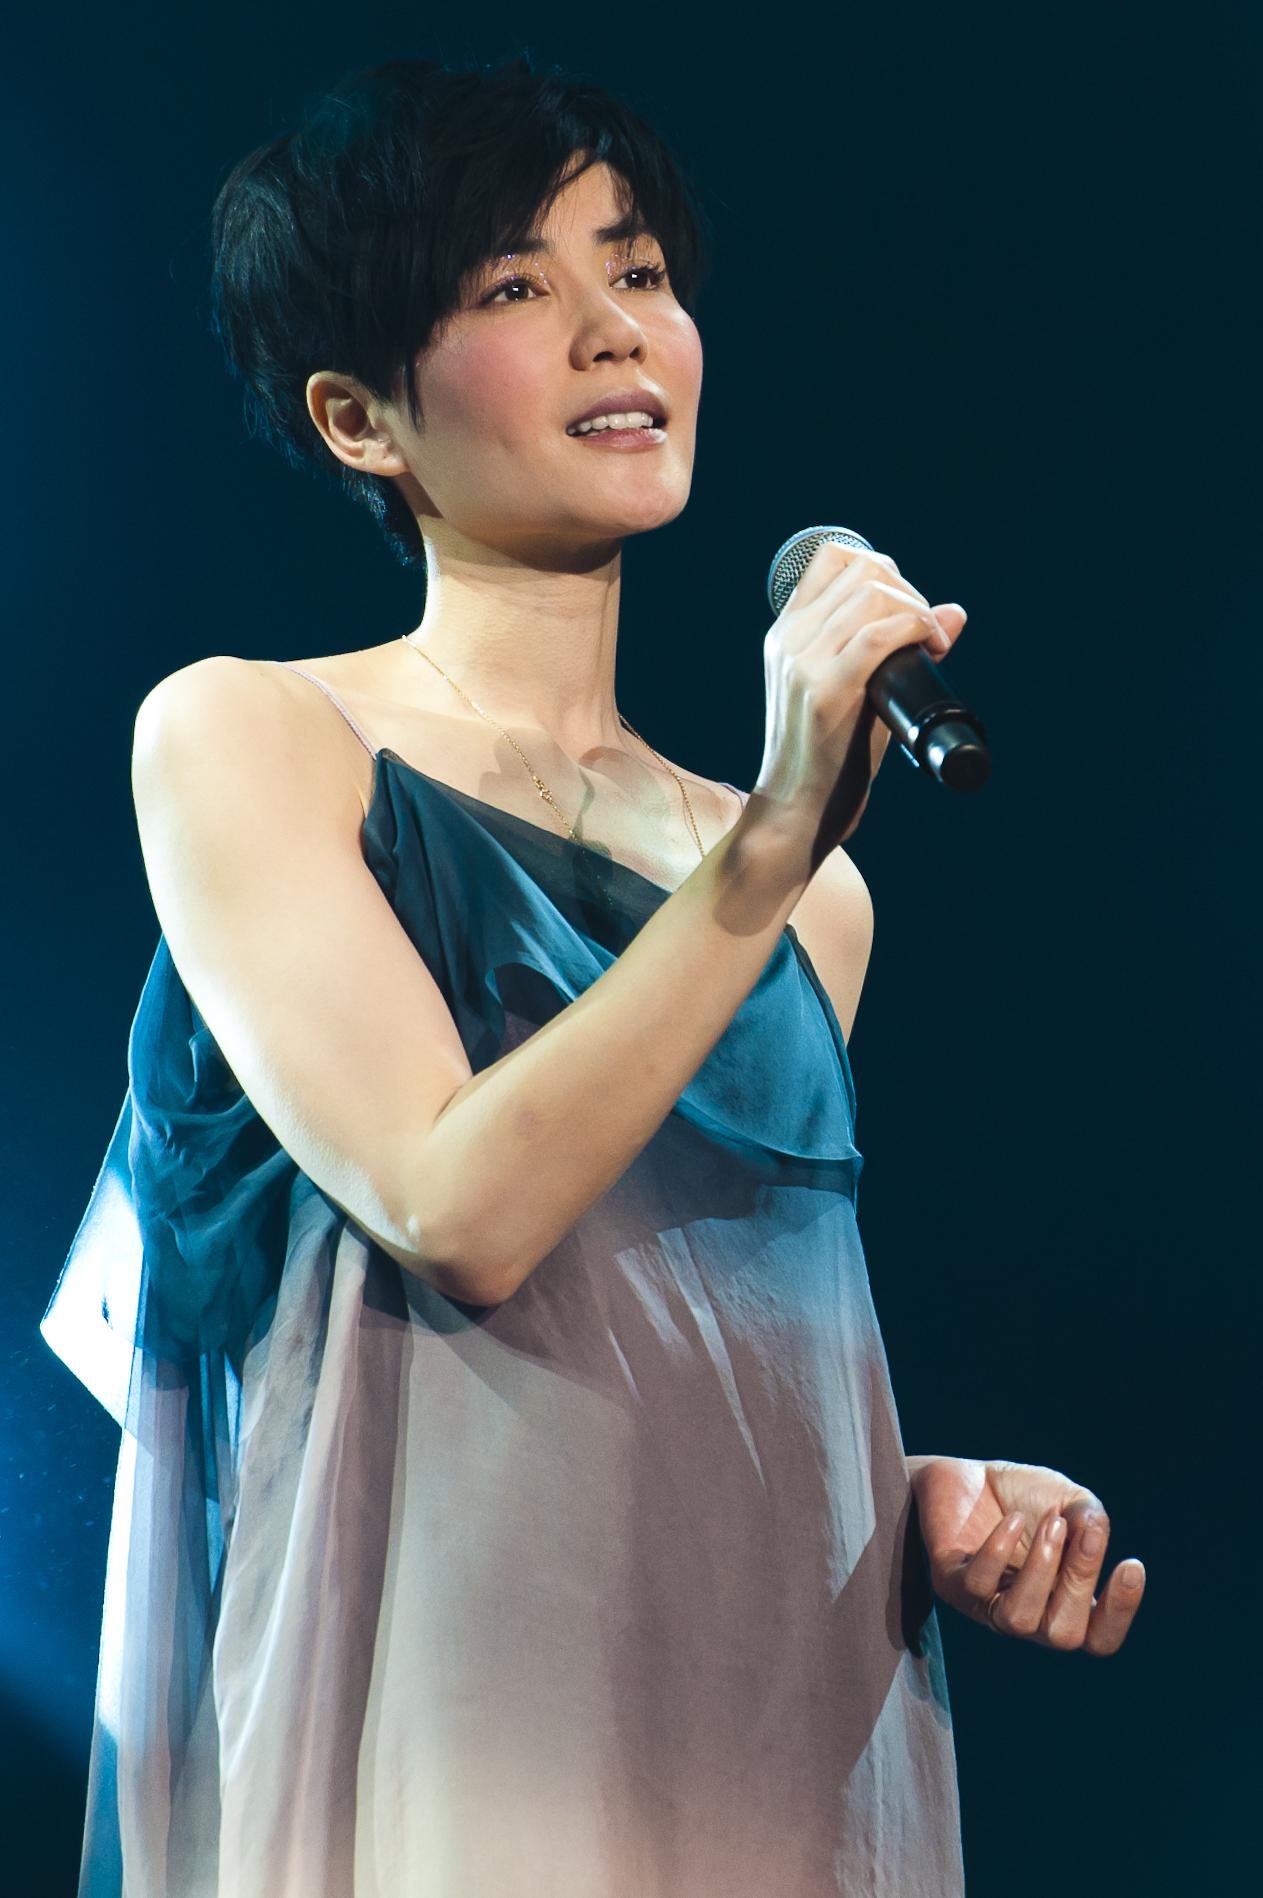 《精美音畫》純子音樂  王菲最精彩的演唱會 - hung22 - 彬彬的博客